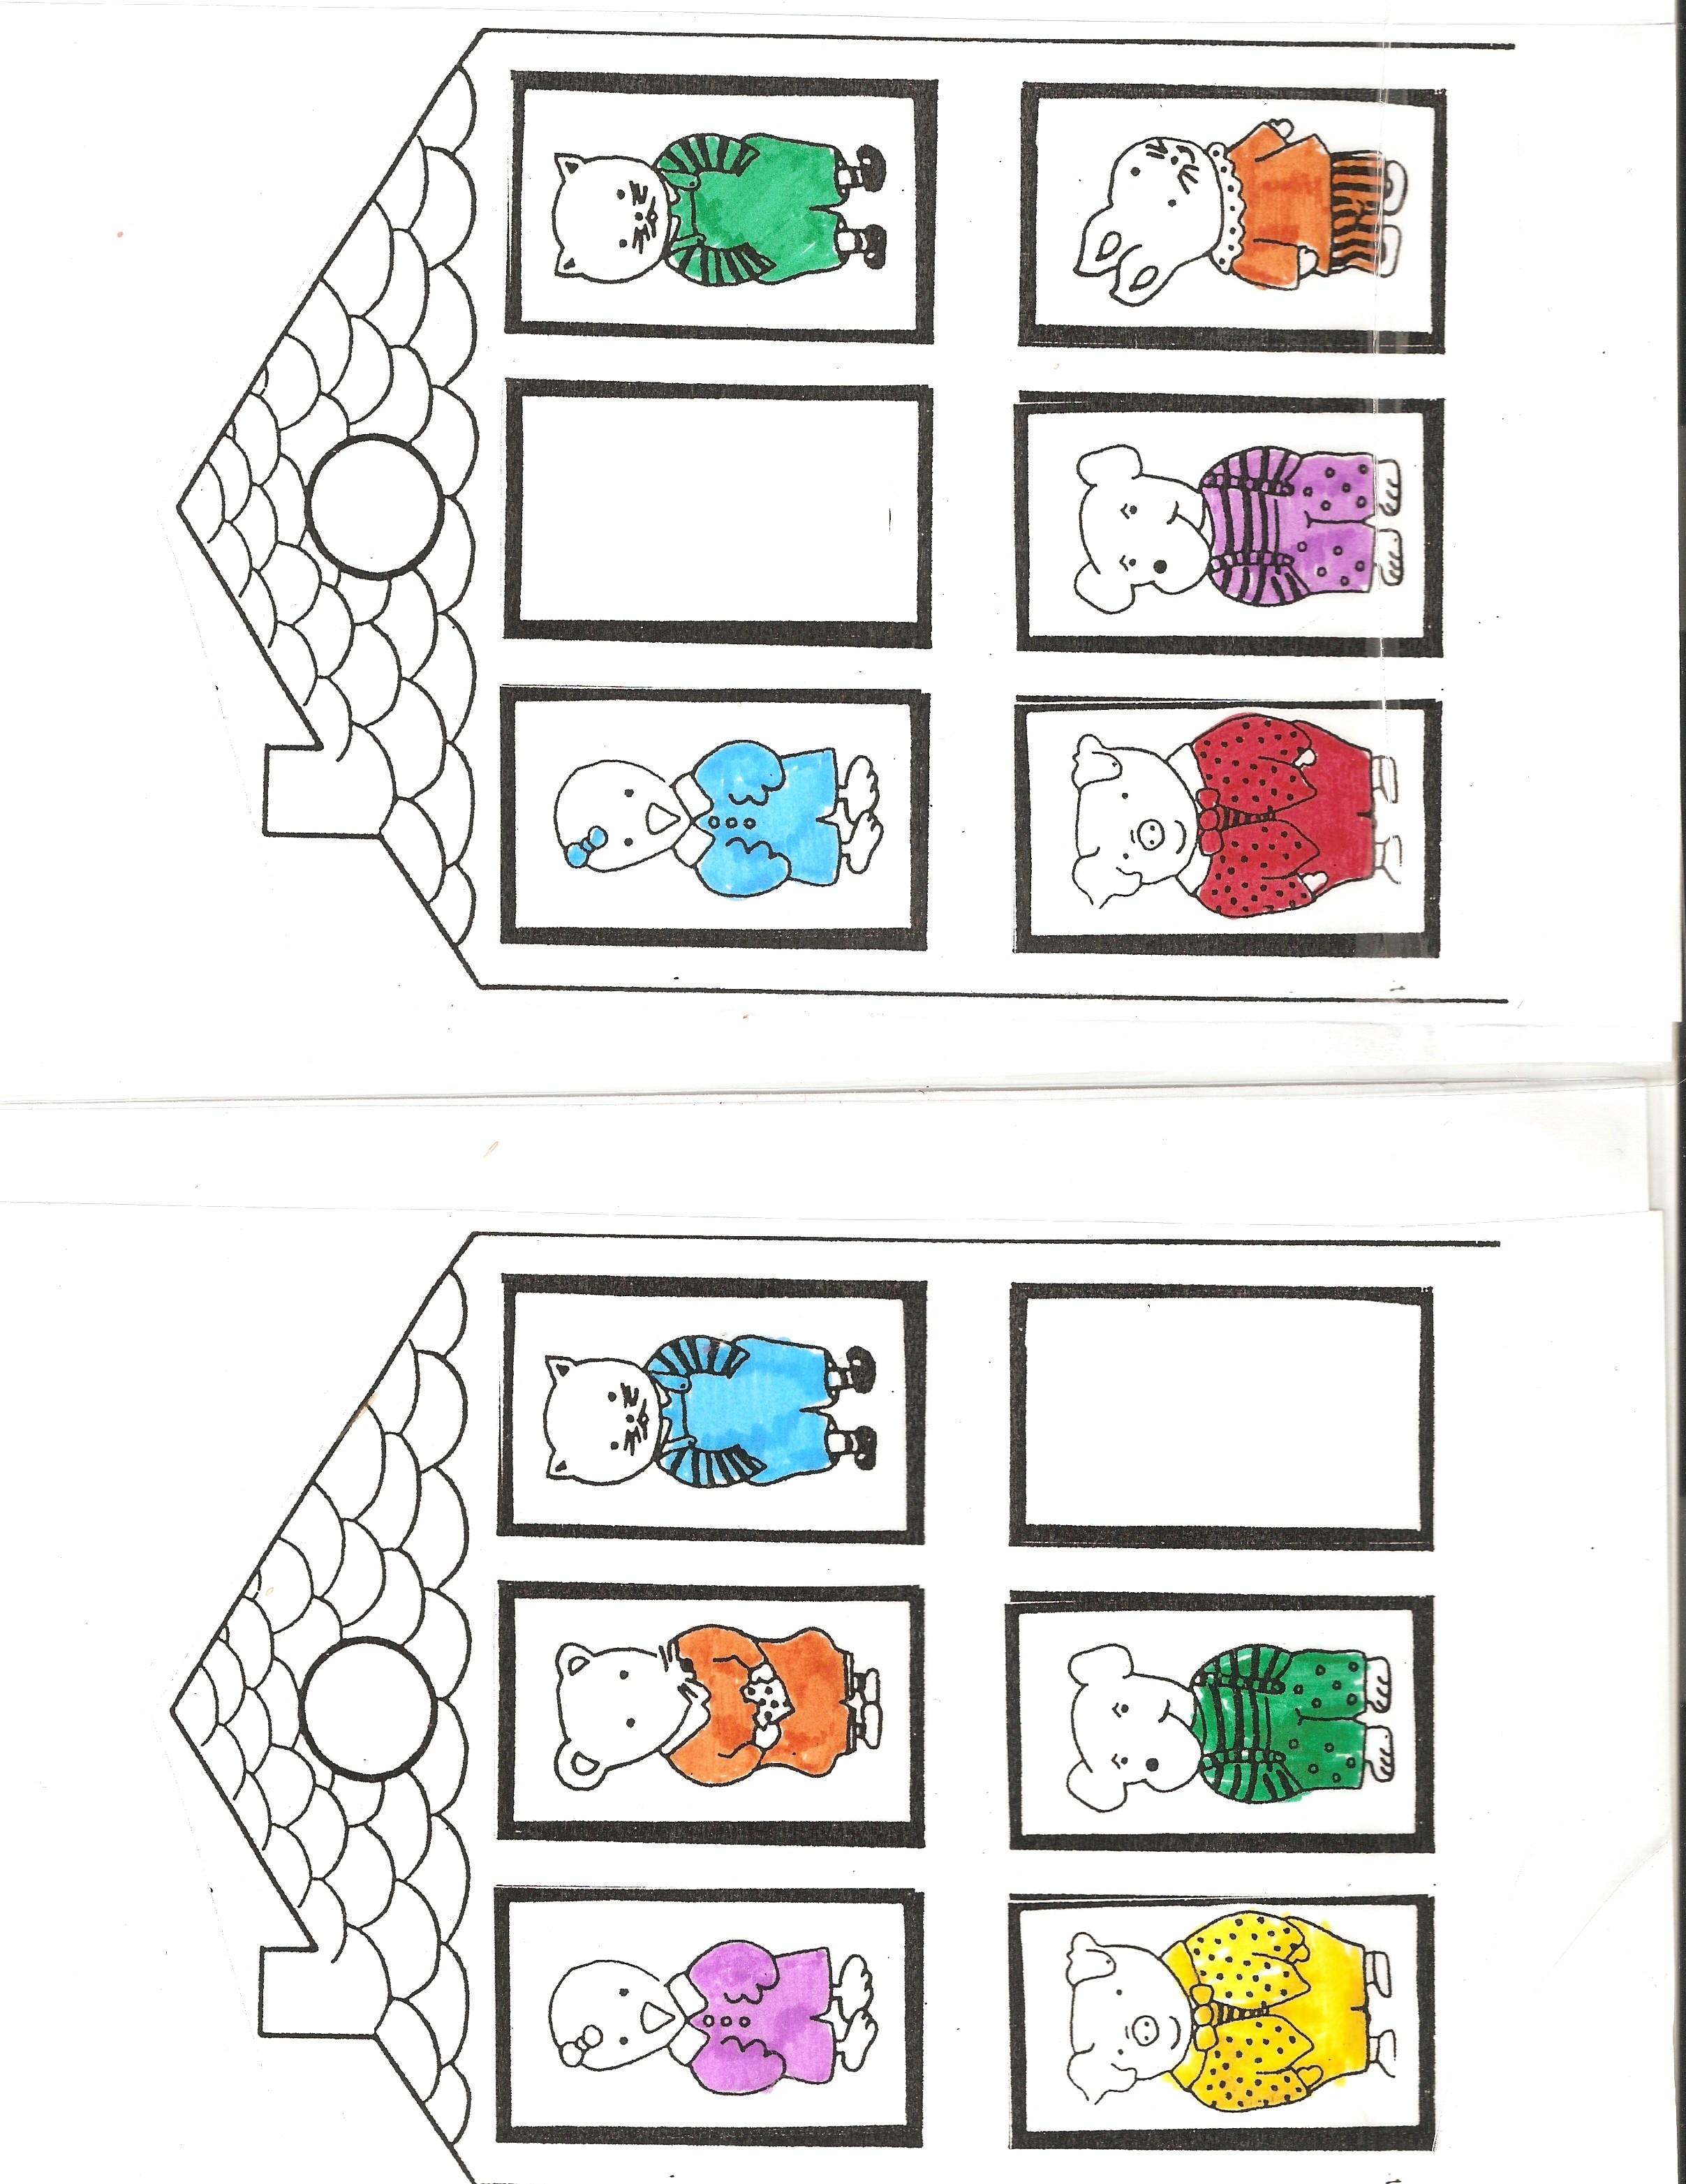 mic mac de arthur et marie nouvelles fiches de difficult s croissantes la classe de wjl. Black Bedroom Furniture Sets. Home Design Ideas